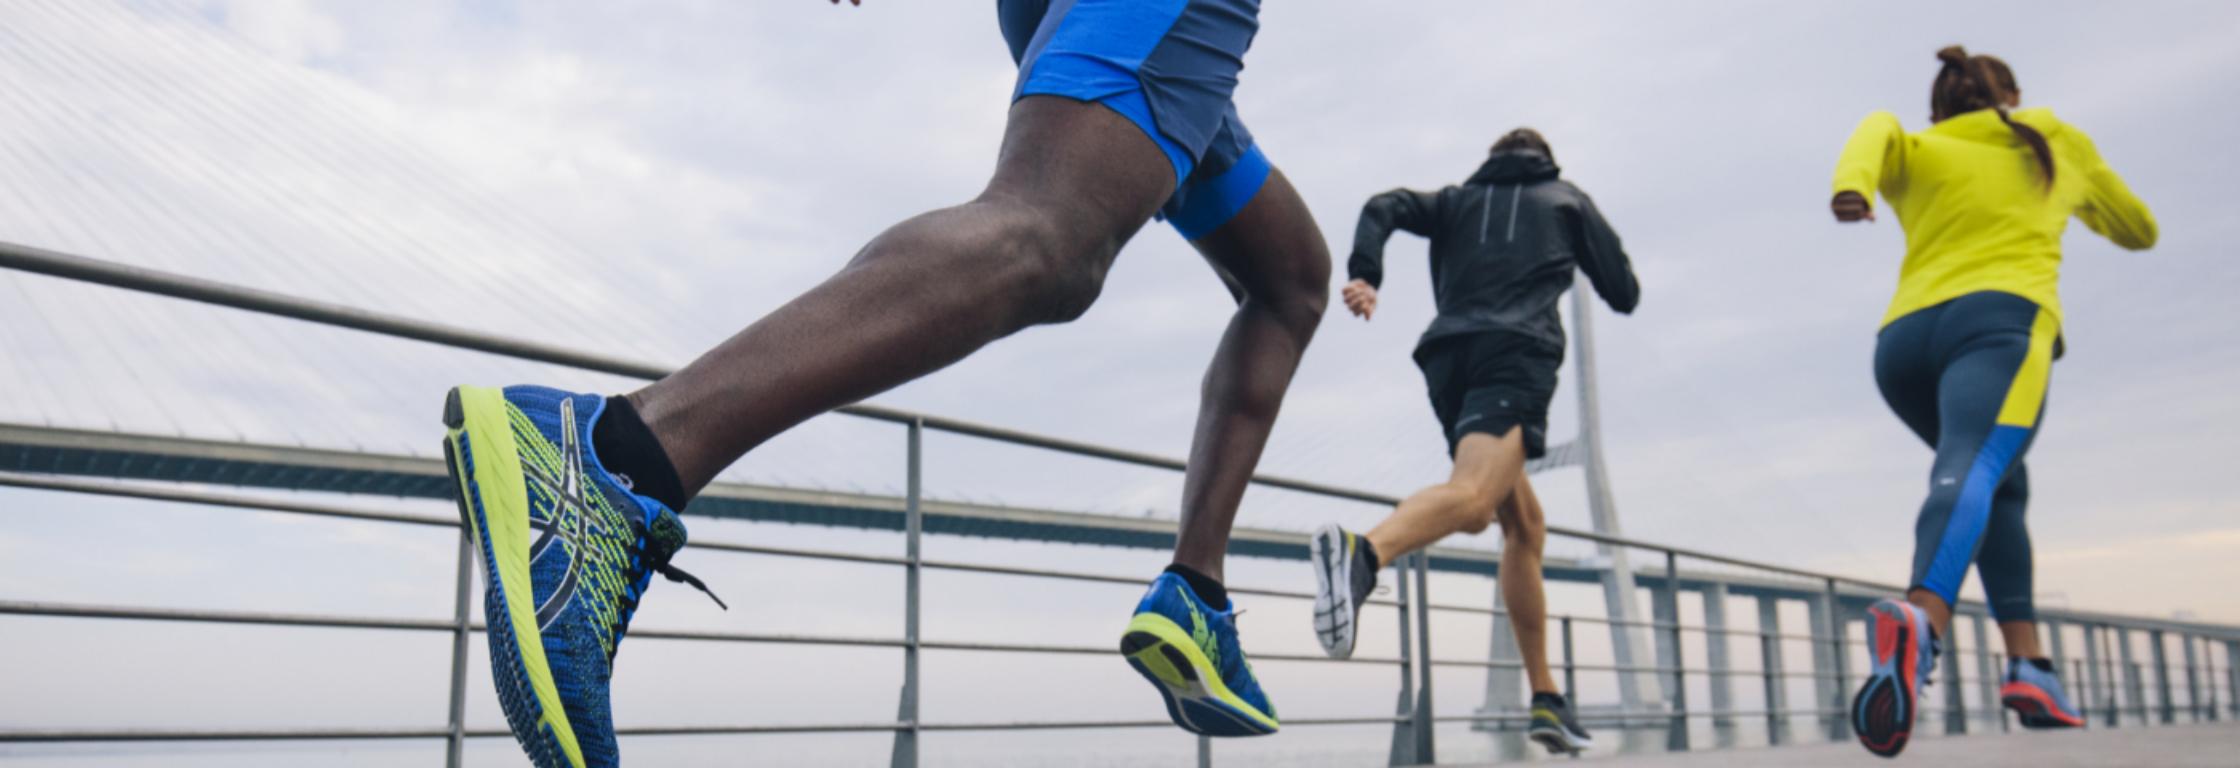 Nederlanders ontdekken hun liefde voor hardlopen in tijden van crisis